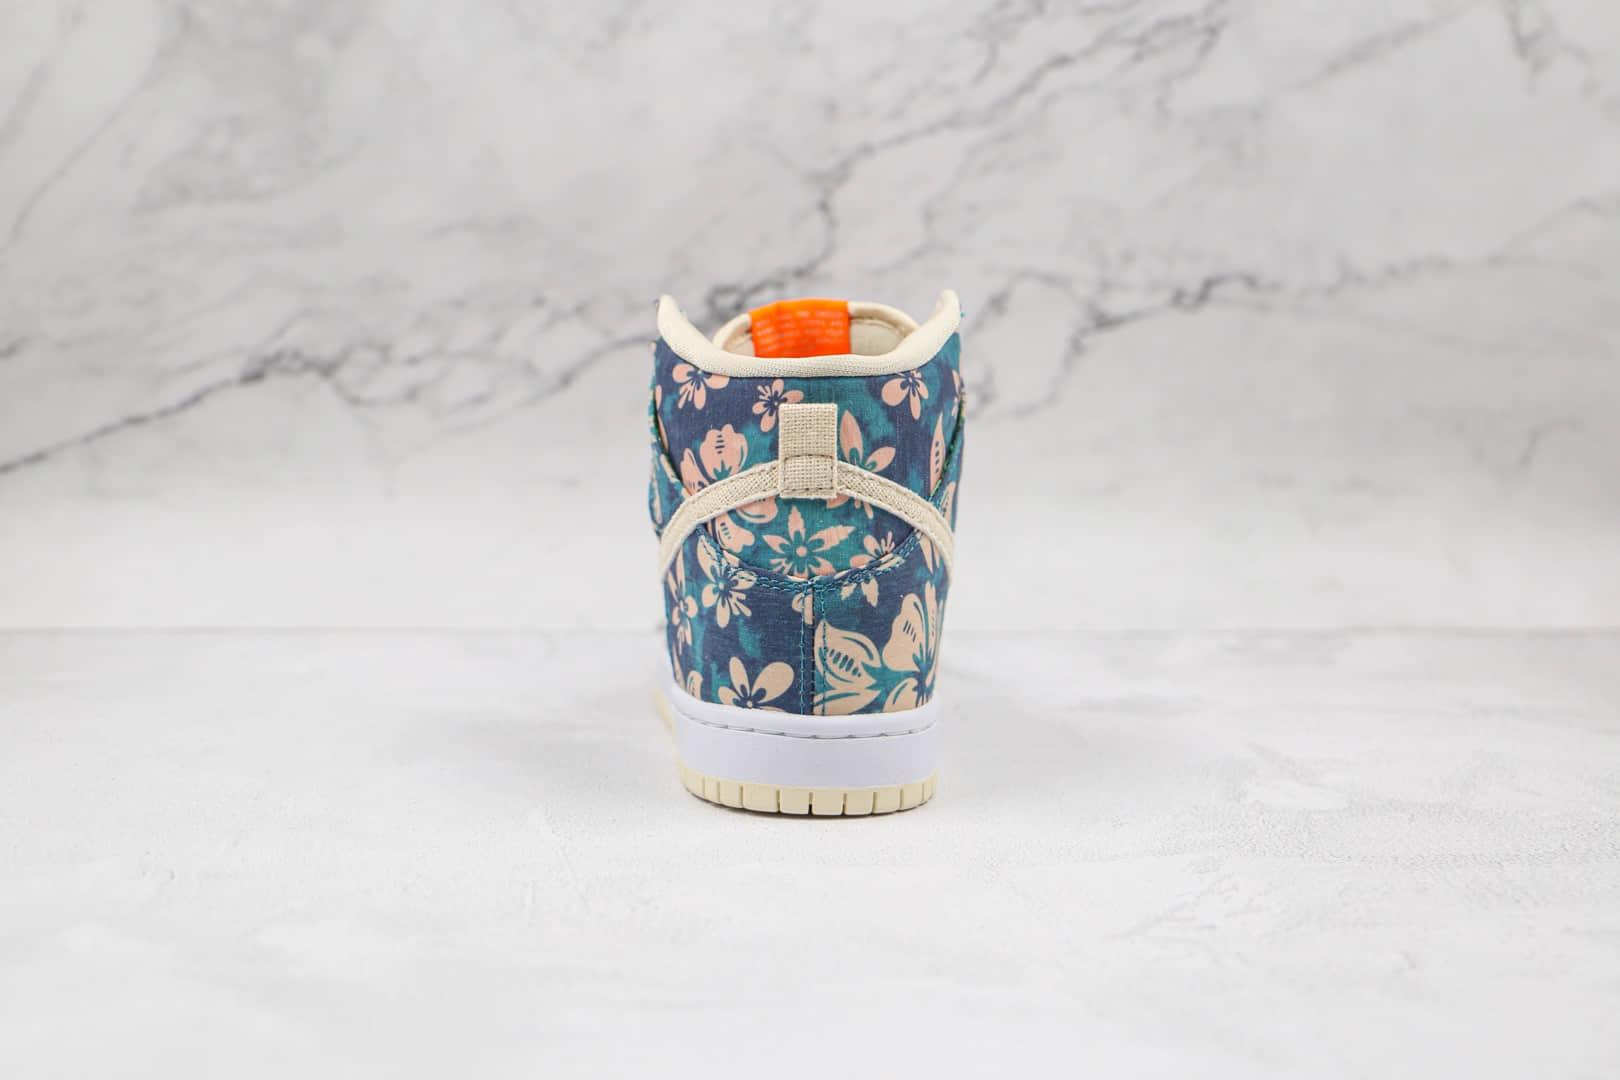 耐克Nike SB Dunk High Pro Hawaii纯原版本高帮SB DUNK夏威夷配色可撕板鞋原鞋开模一比一 货号:CZ2232-300